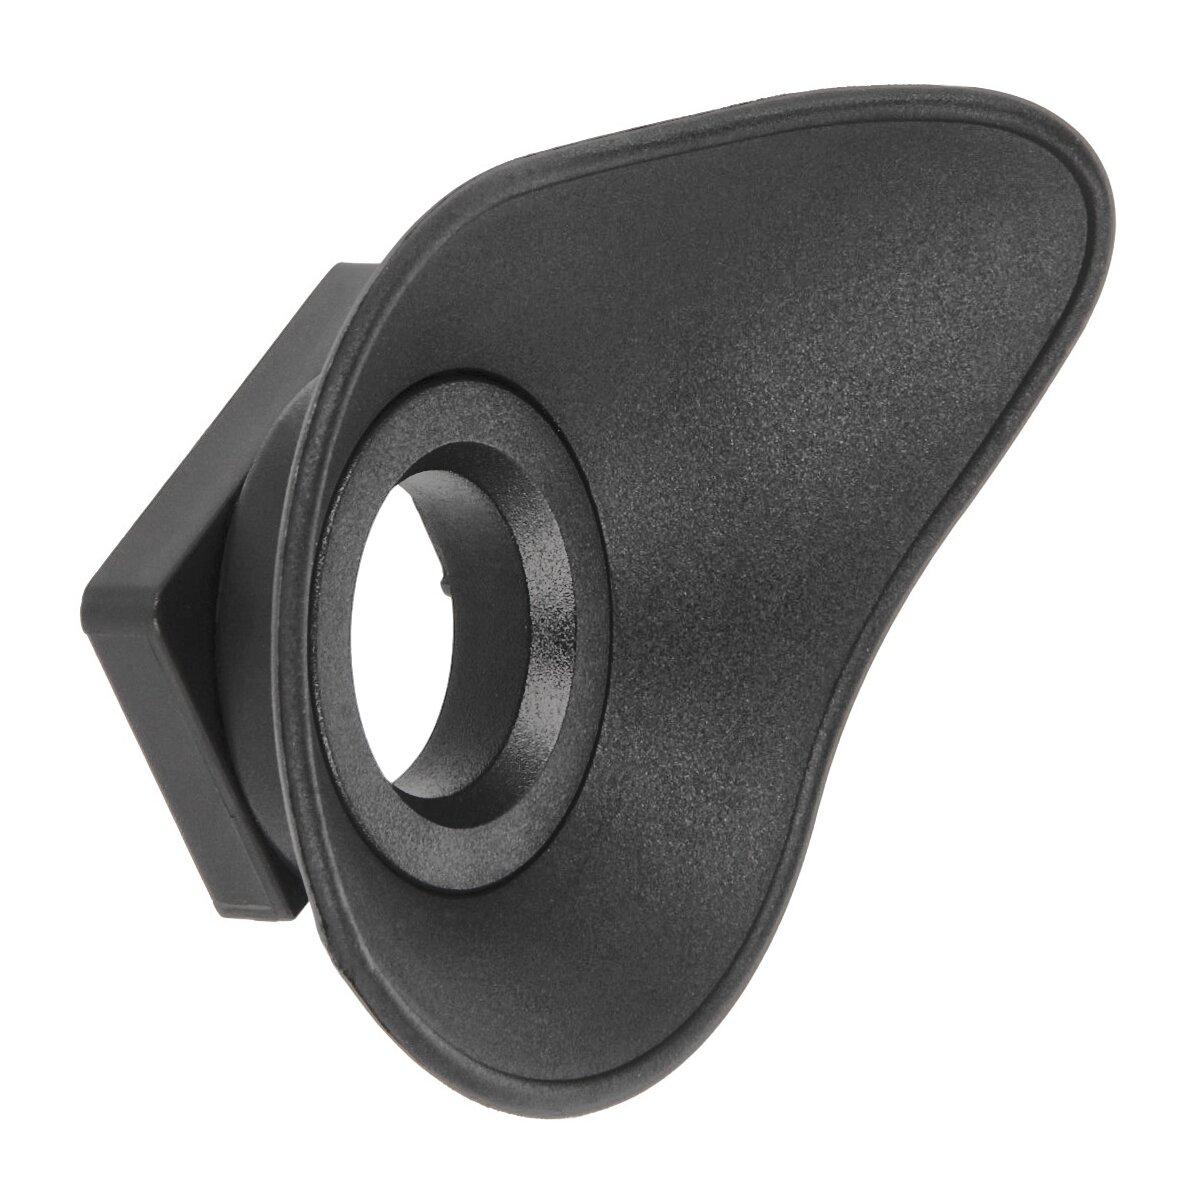 JJC Augenmuschel für Canon ersetzt Canon Augenmuschel EG geeignet für Brillenträger und gegen Streulicht bei augengesteuerter Scharfeinstellung